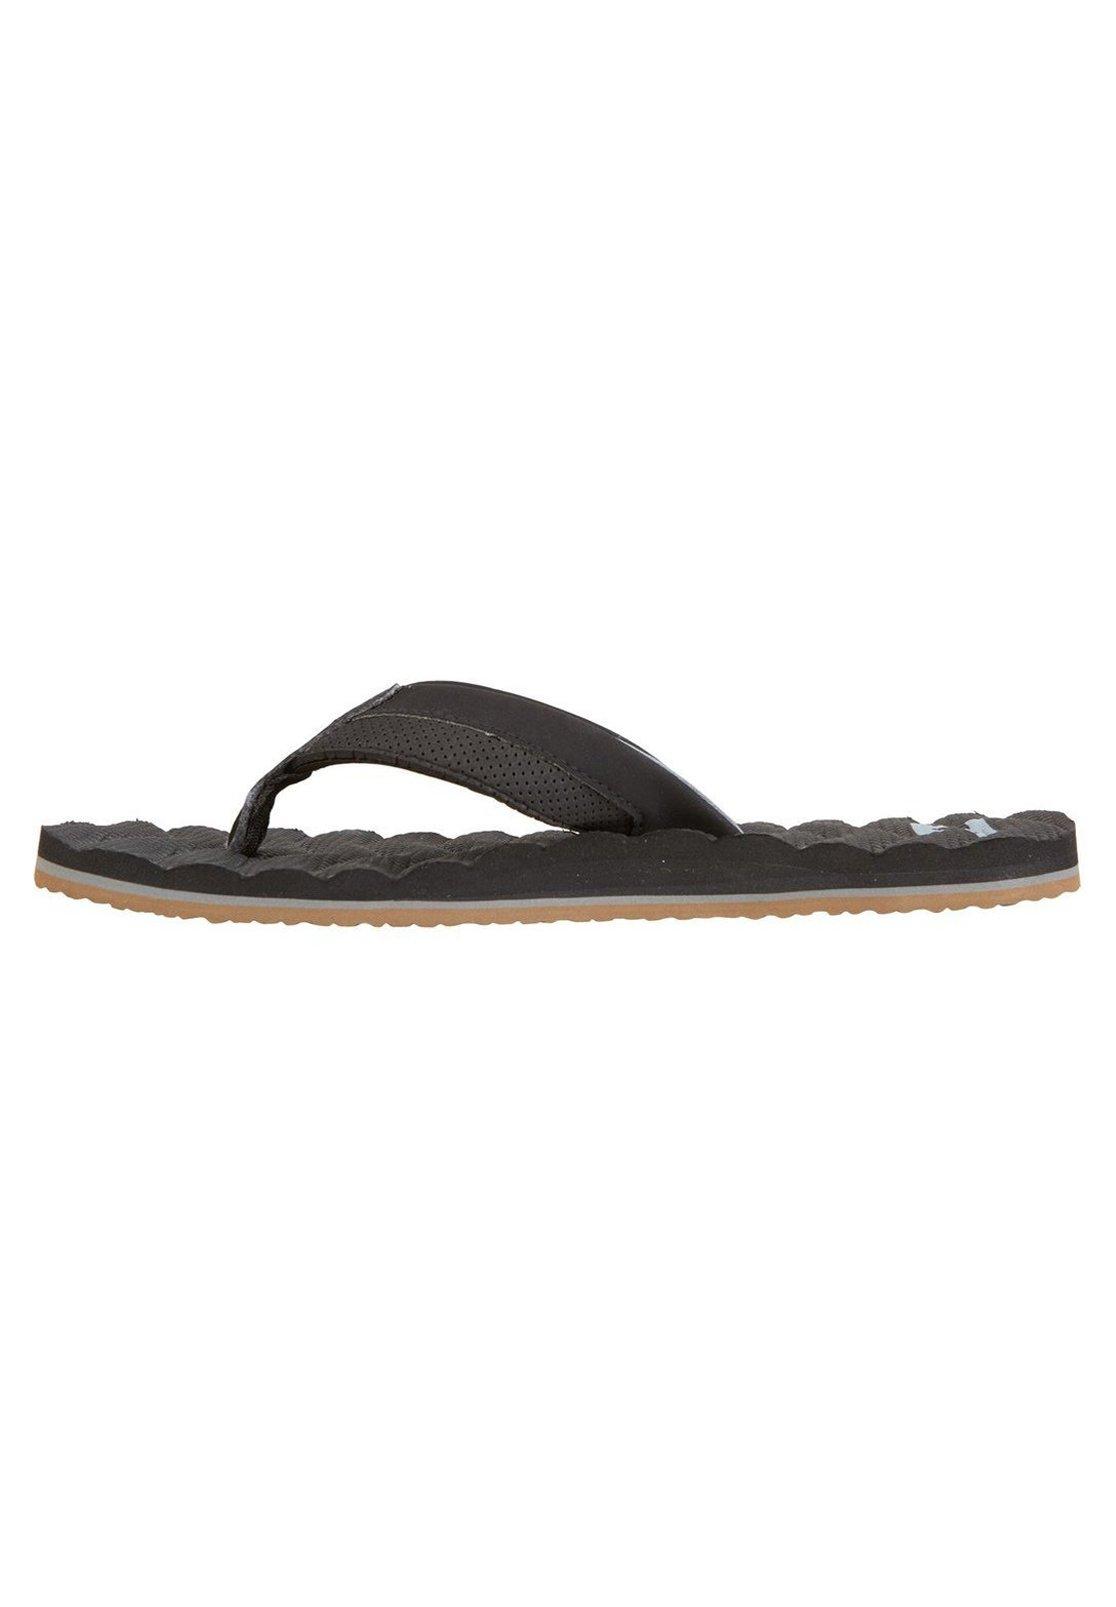 Herrer DUNES IMPACT - Sandaler m/ tåsplit